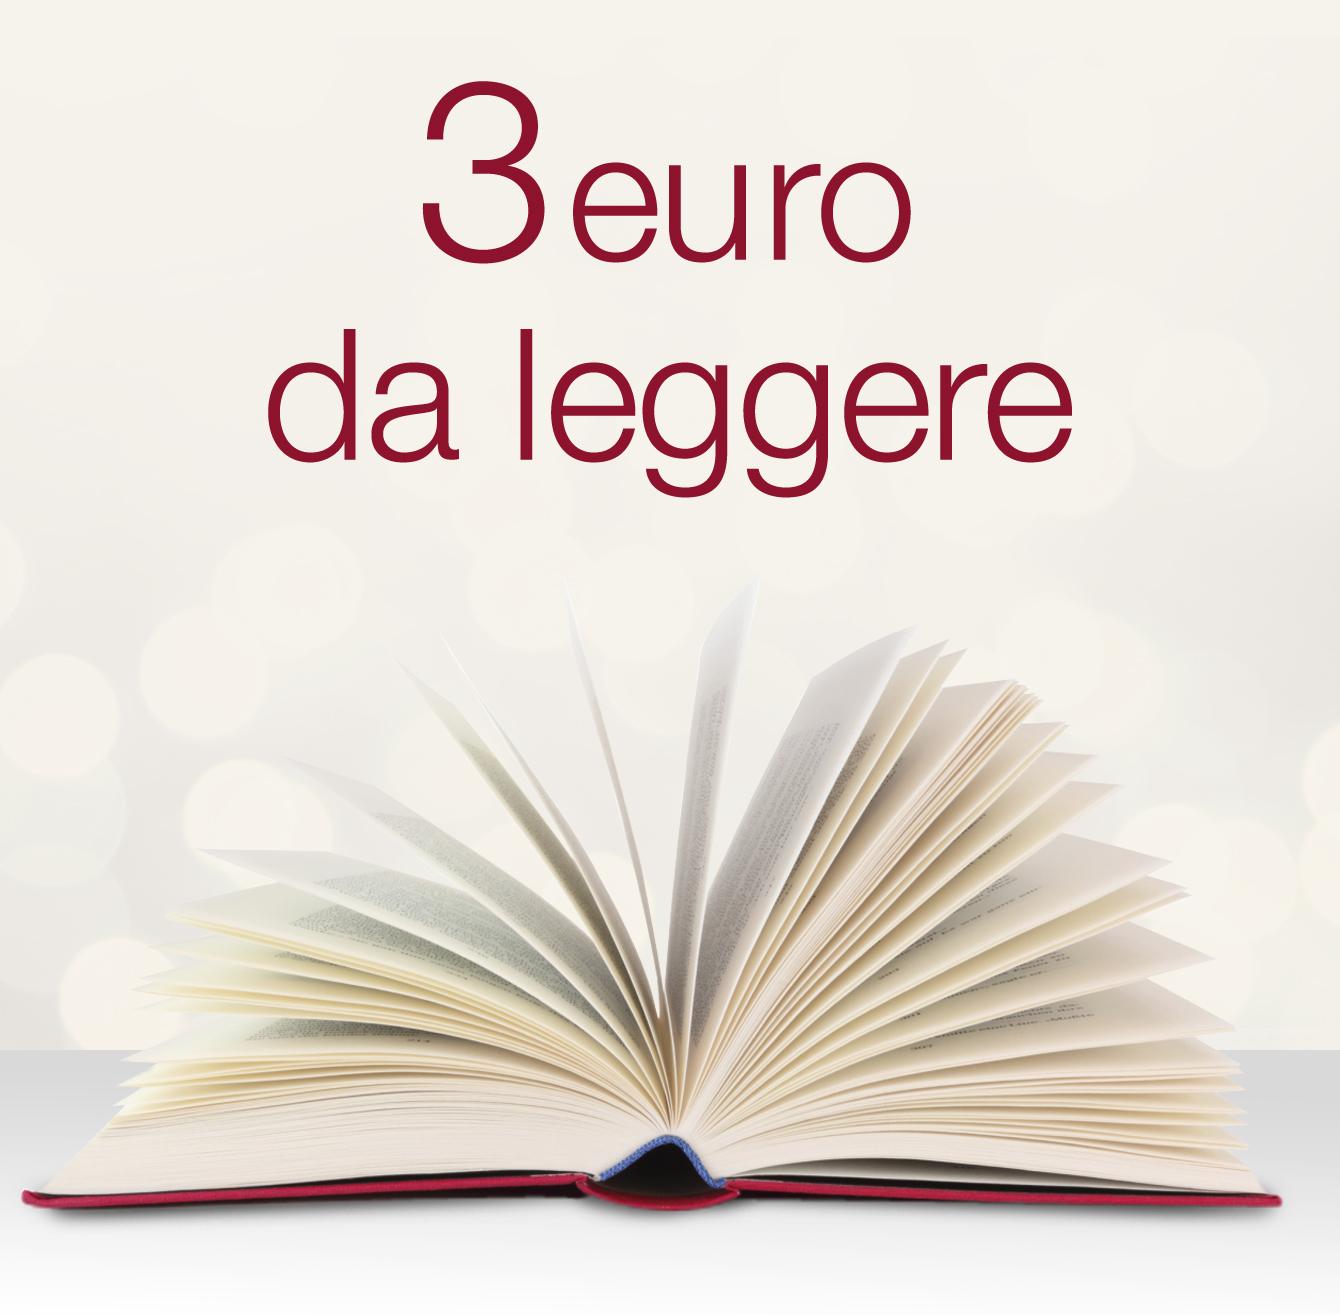 3 euro da leggere: usa il tuo codice